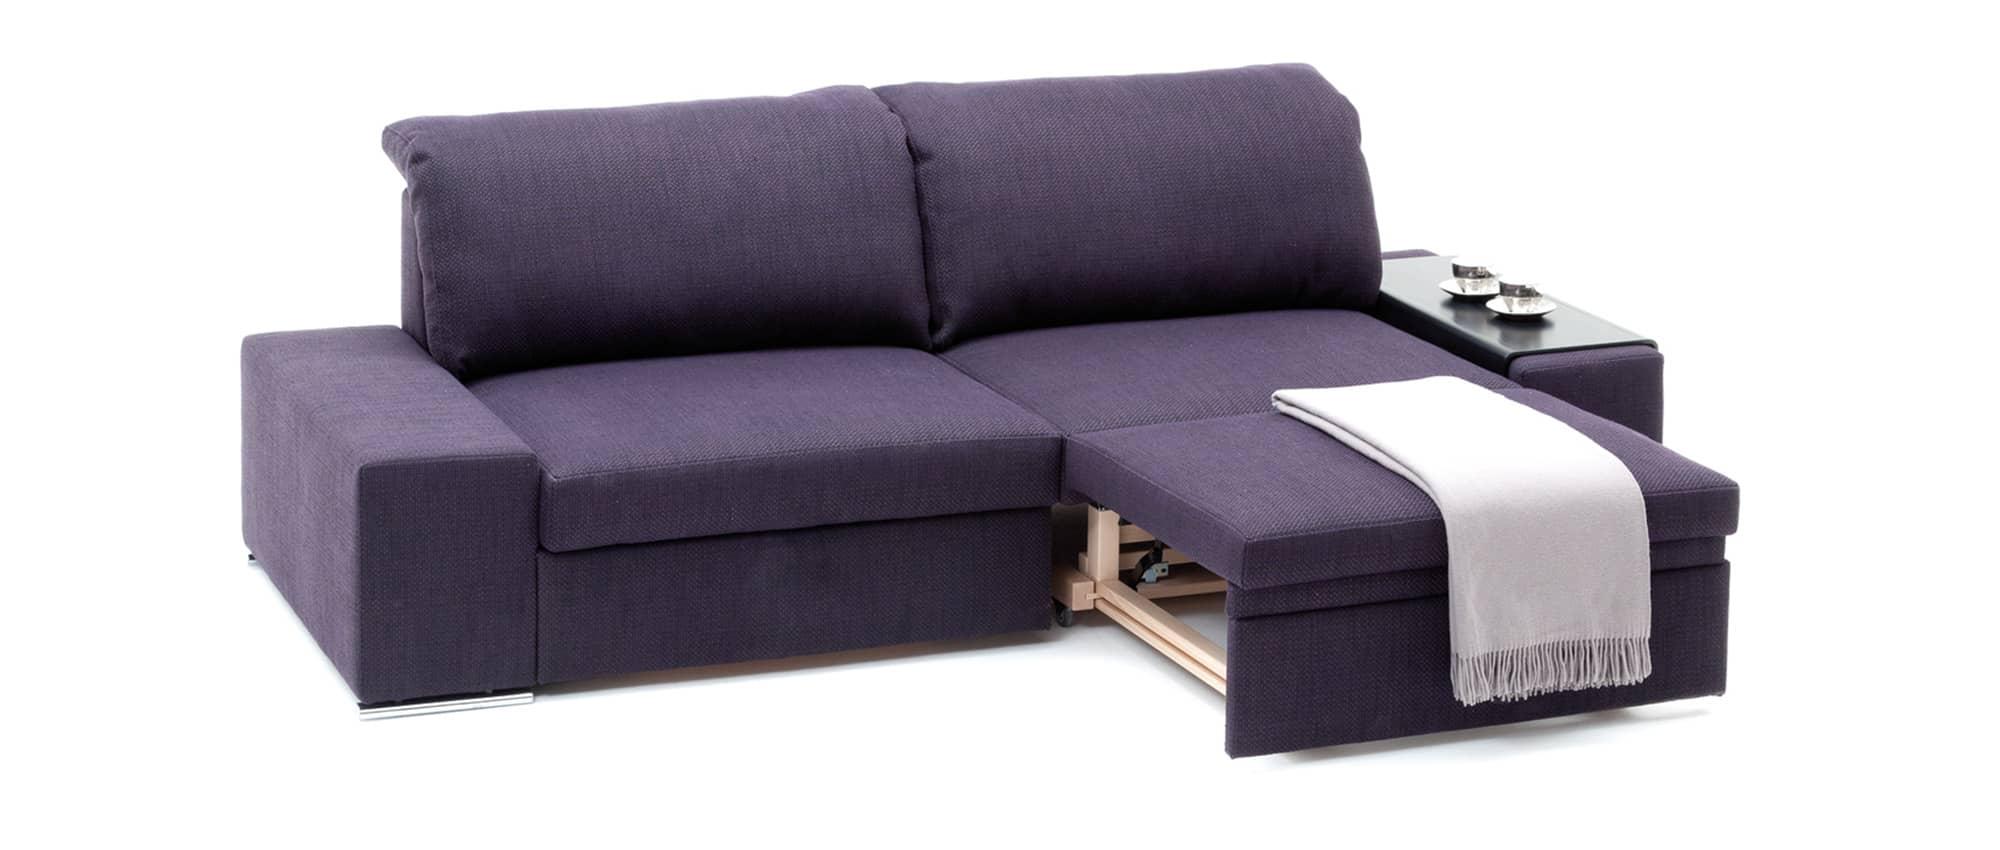 Schlafsofa CLUB in der Relaxposition mit Armlehnen Tablett. Franz Fertig bietet einen große Stoffauswahl an.